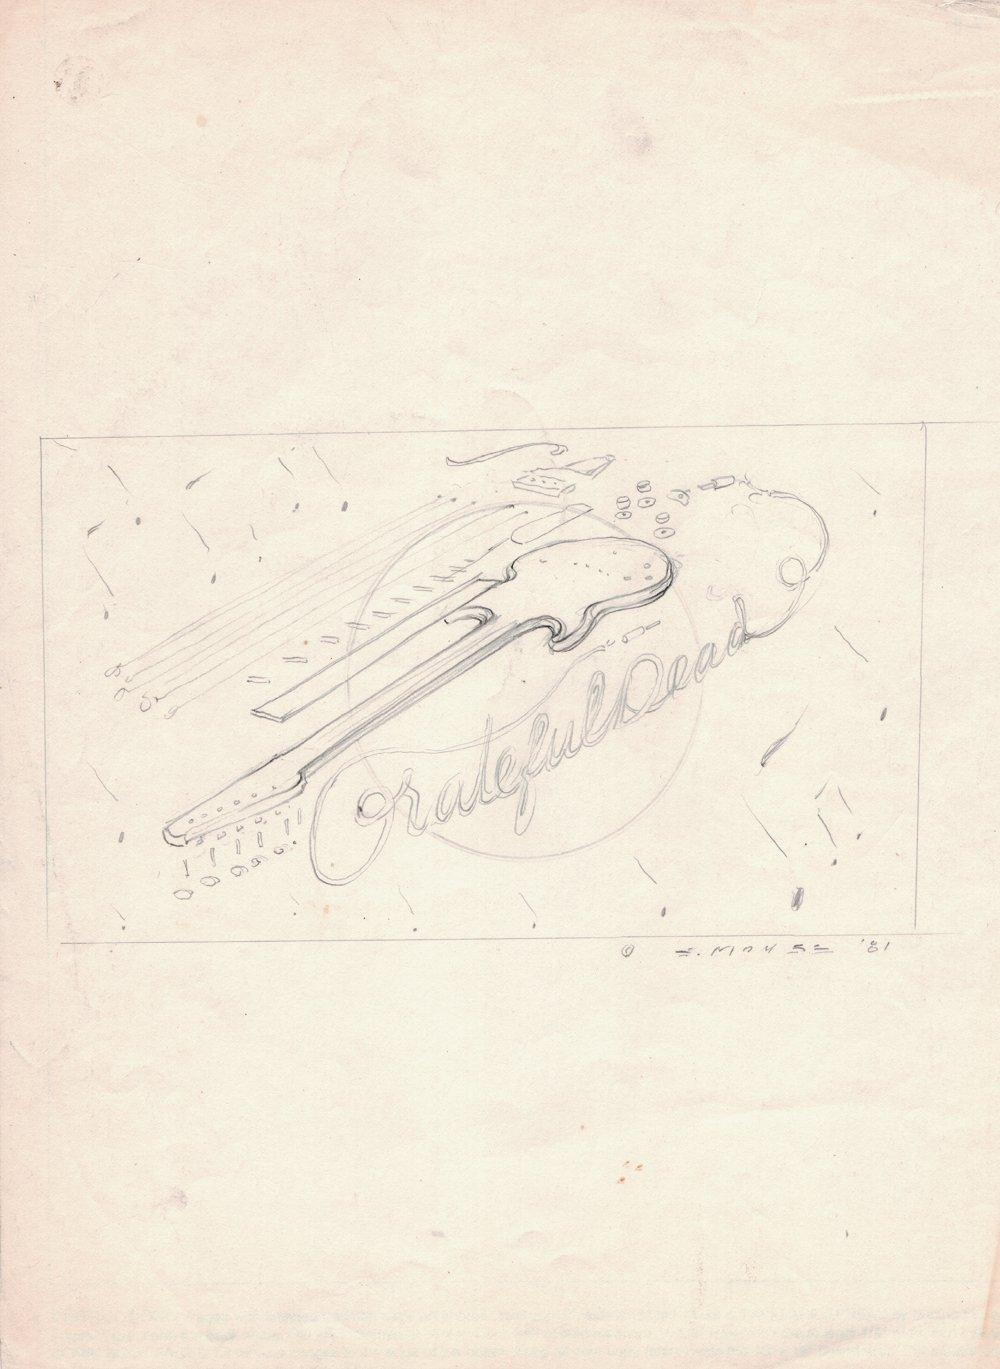 Grateful Dead Album Cover Design (1981)